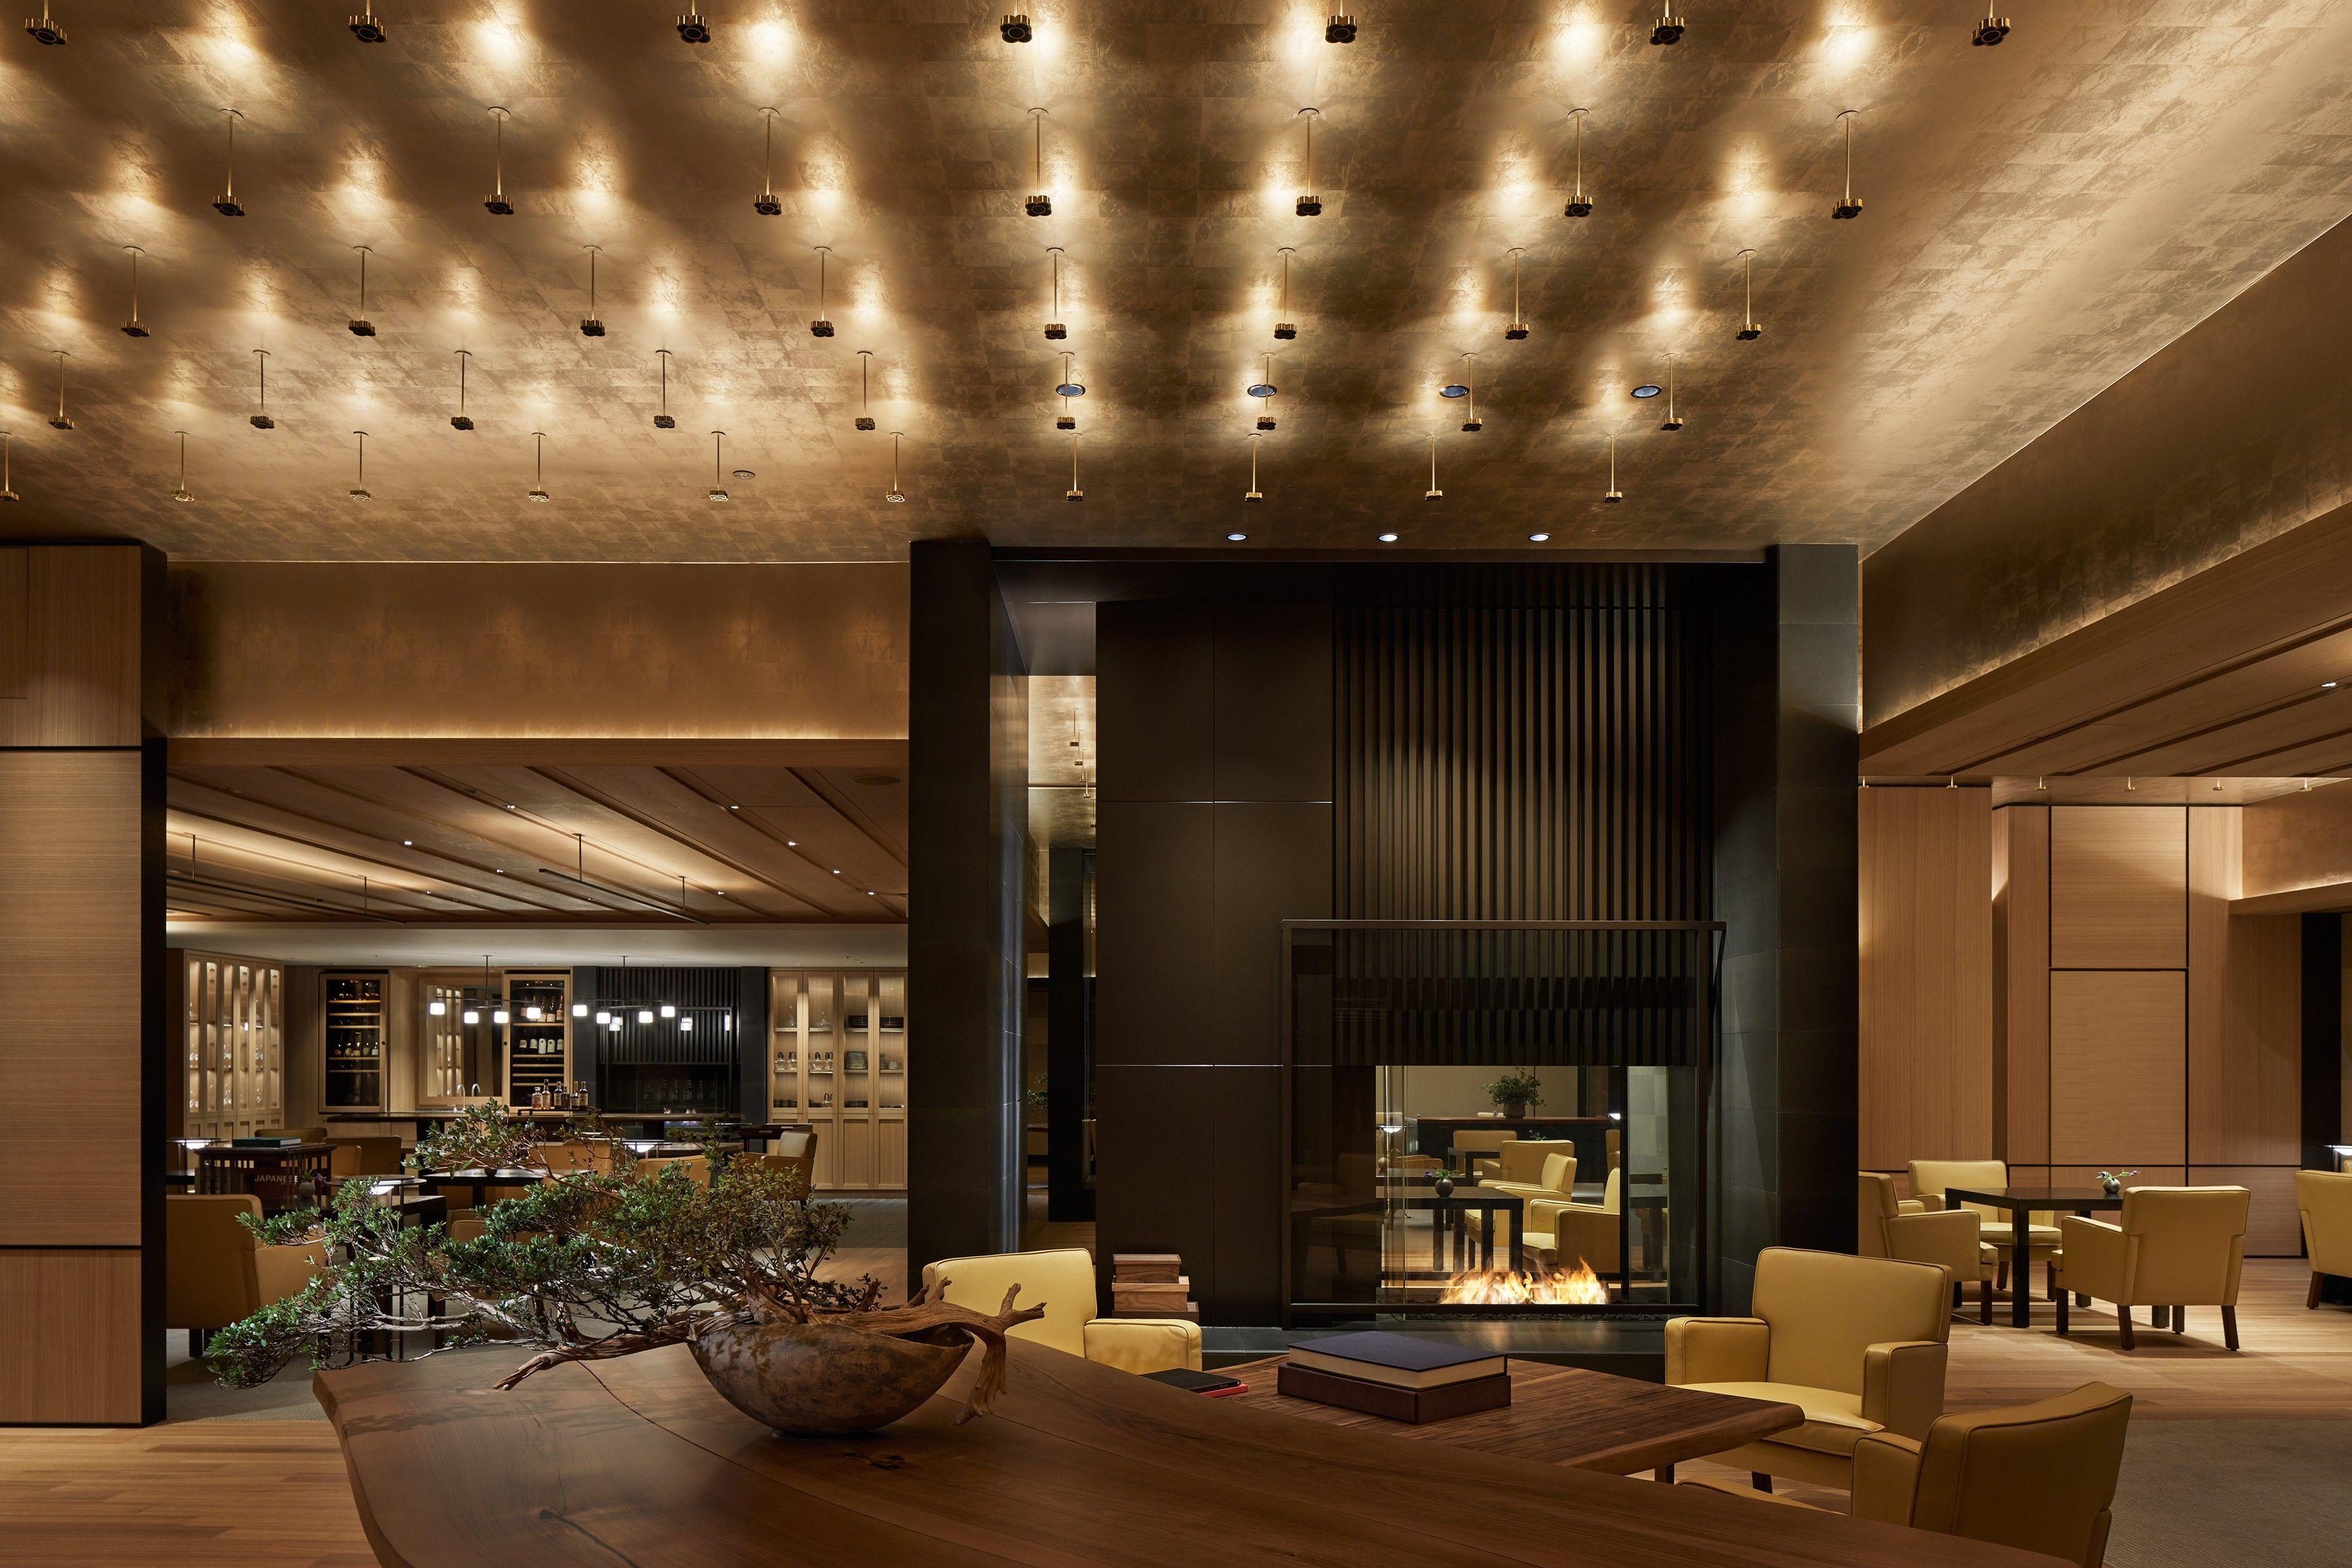 Best Of Year Awards Winners 2020 In 2021 Hotel Lighting Design Park Hyatt Hotels Design